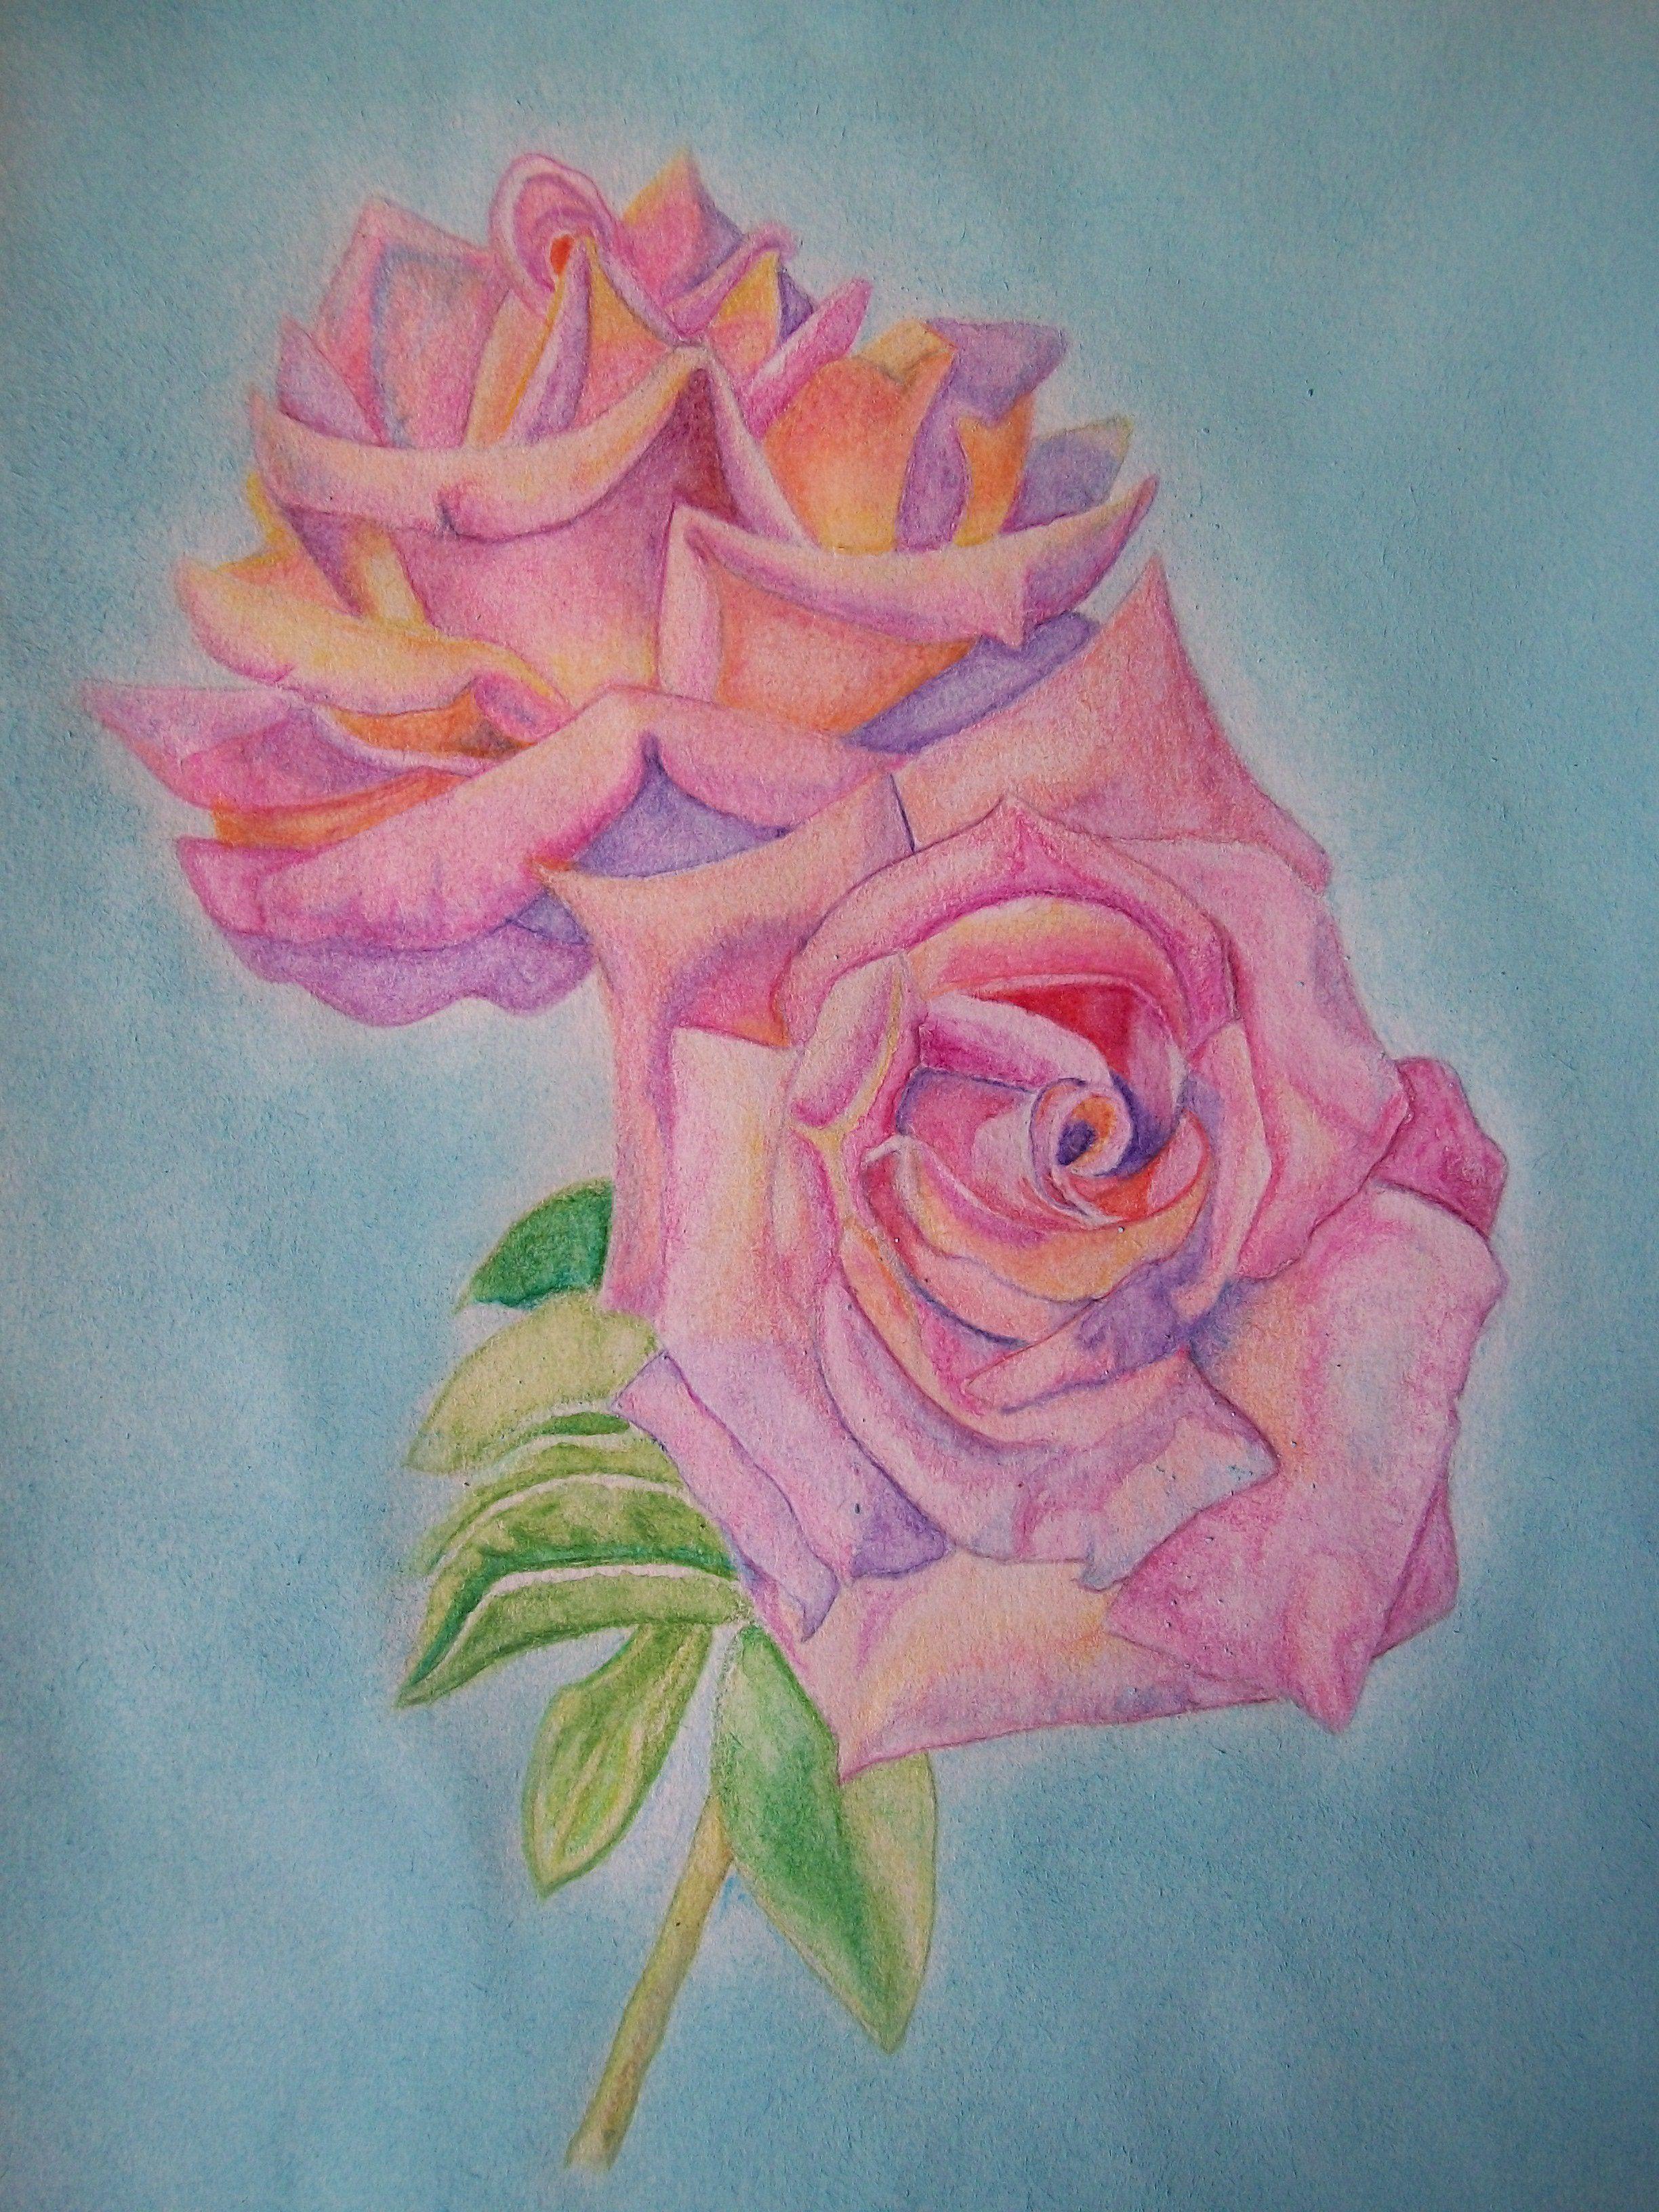 Resultado de imagen para imagenes de rosas para dibujar a lapiz